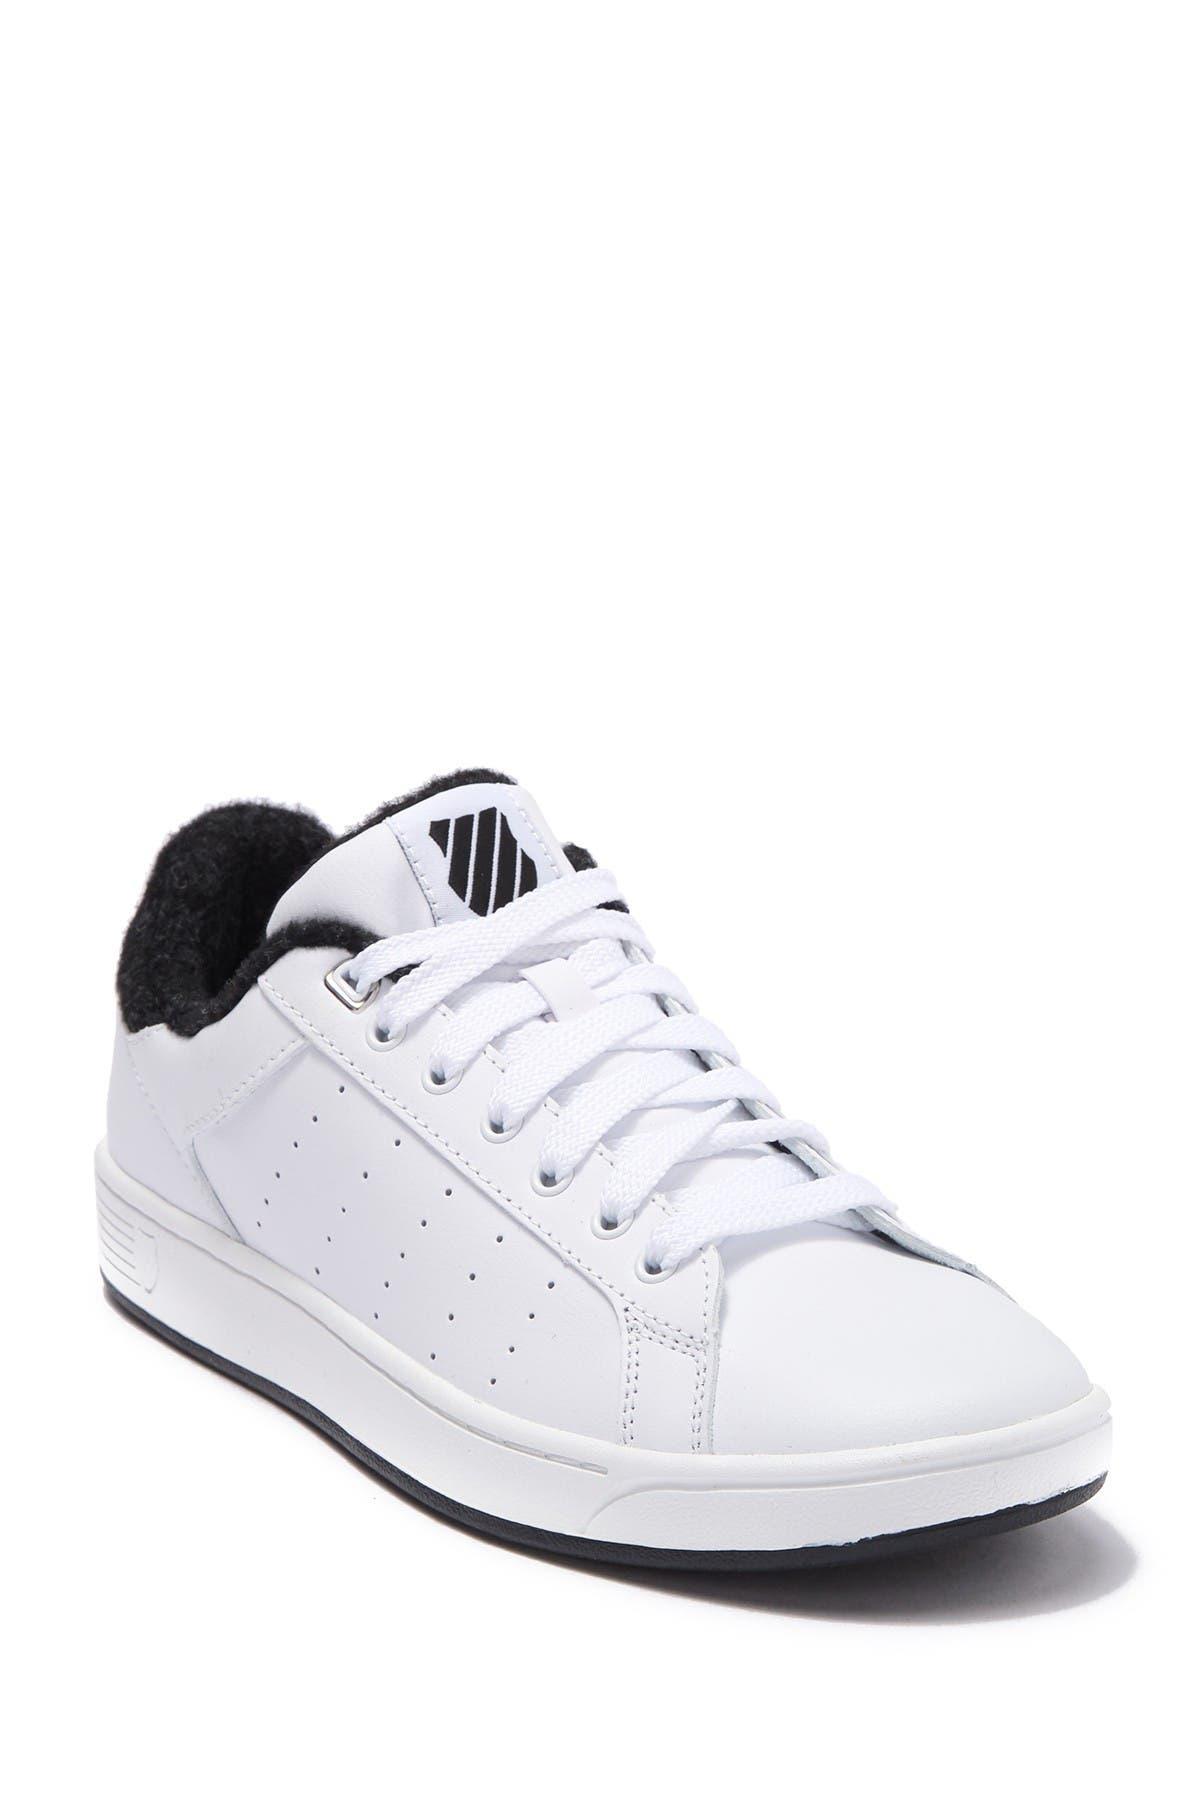 K-Swiss | Clean Court CMF Sneaker